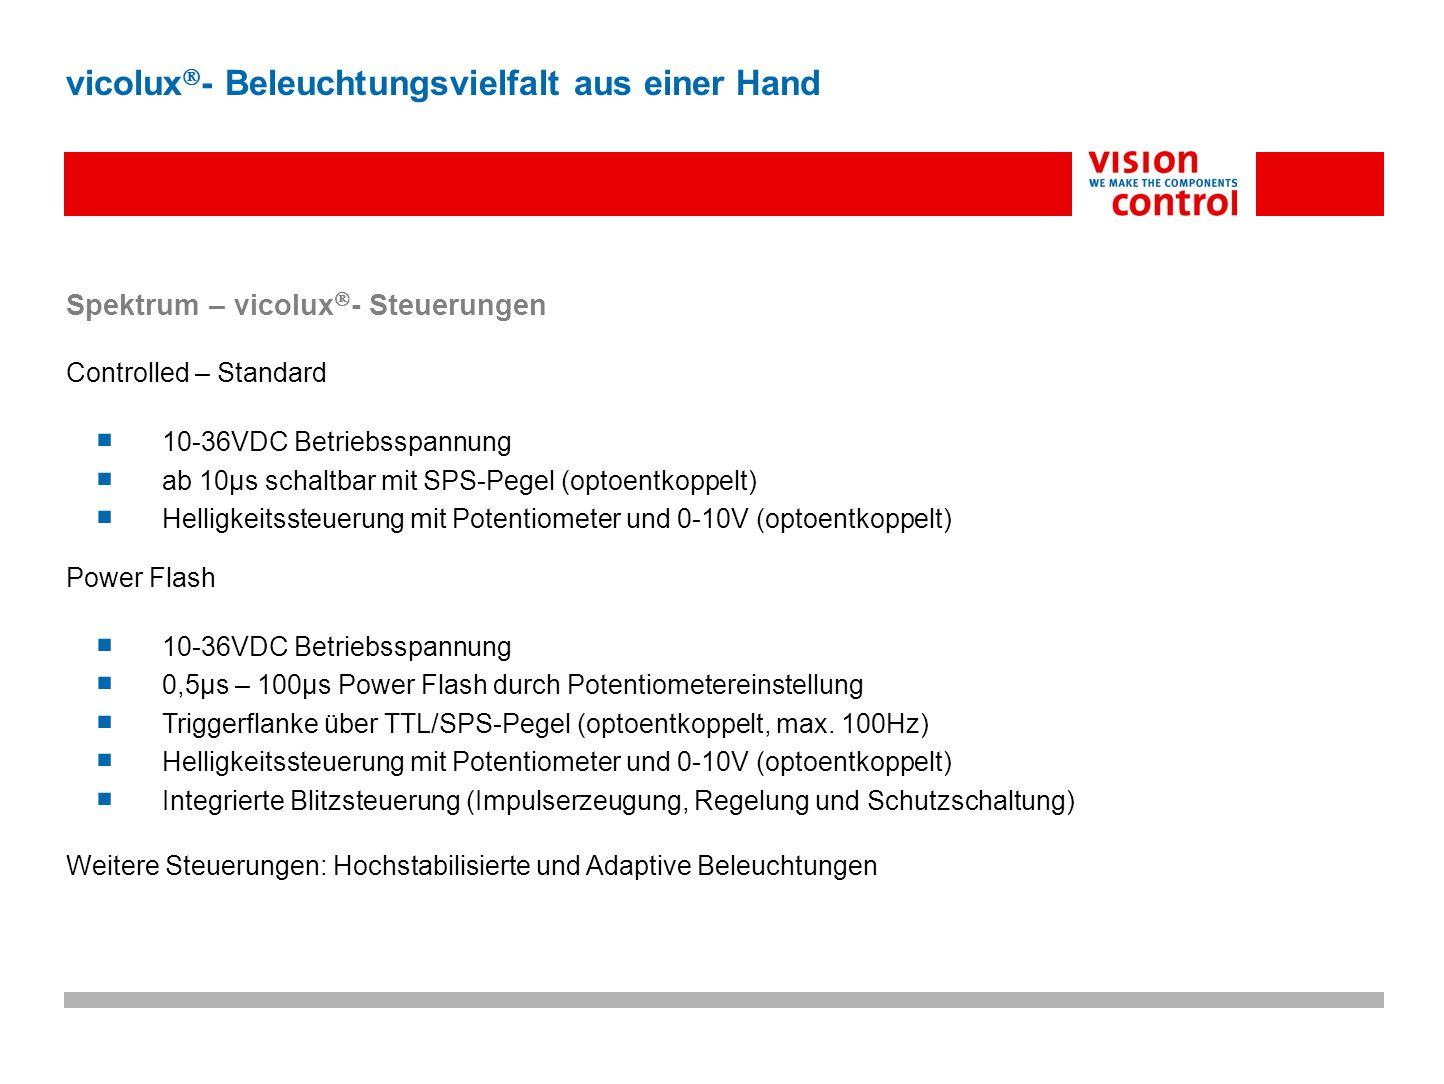 Spektrum – vicolux - Steuerungen Controlled – Standard 10-36VDC Betriebsspannung ab 10µs schaltbar mit SPS-Pegel (optoentkoppelt) Helligkeitssteuerung